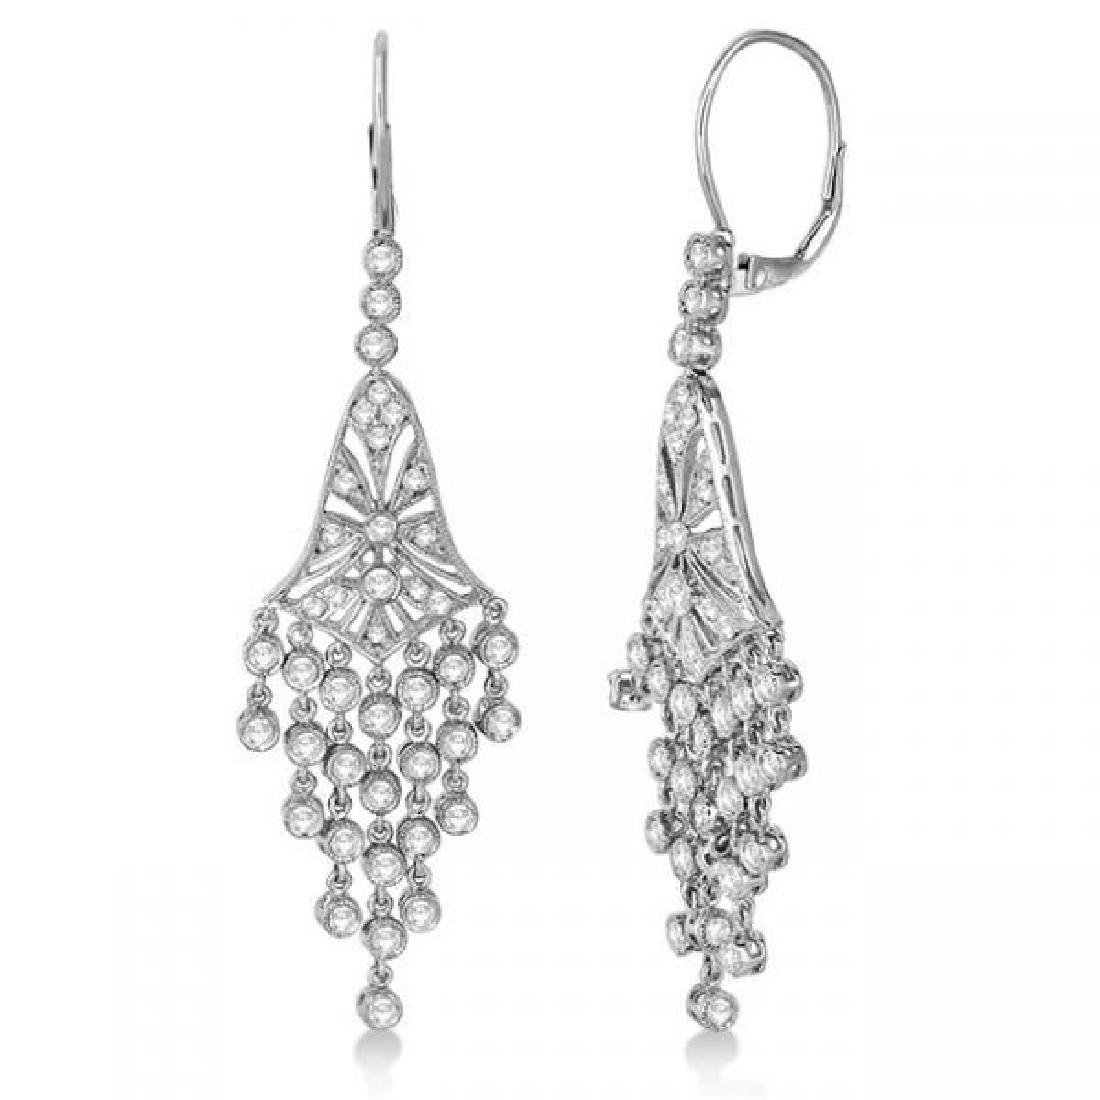 Bezel-Set Dangling Chandelier Diamond Earrings 14K Whit